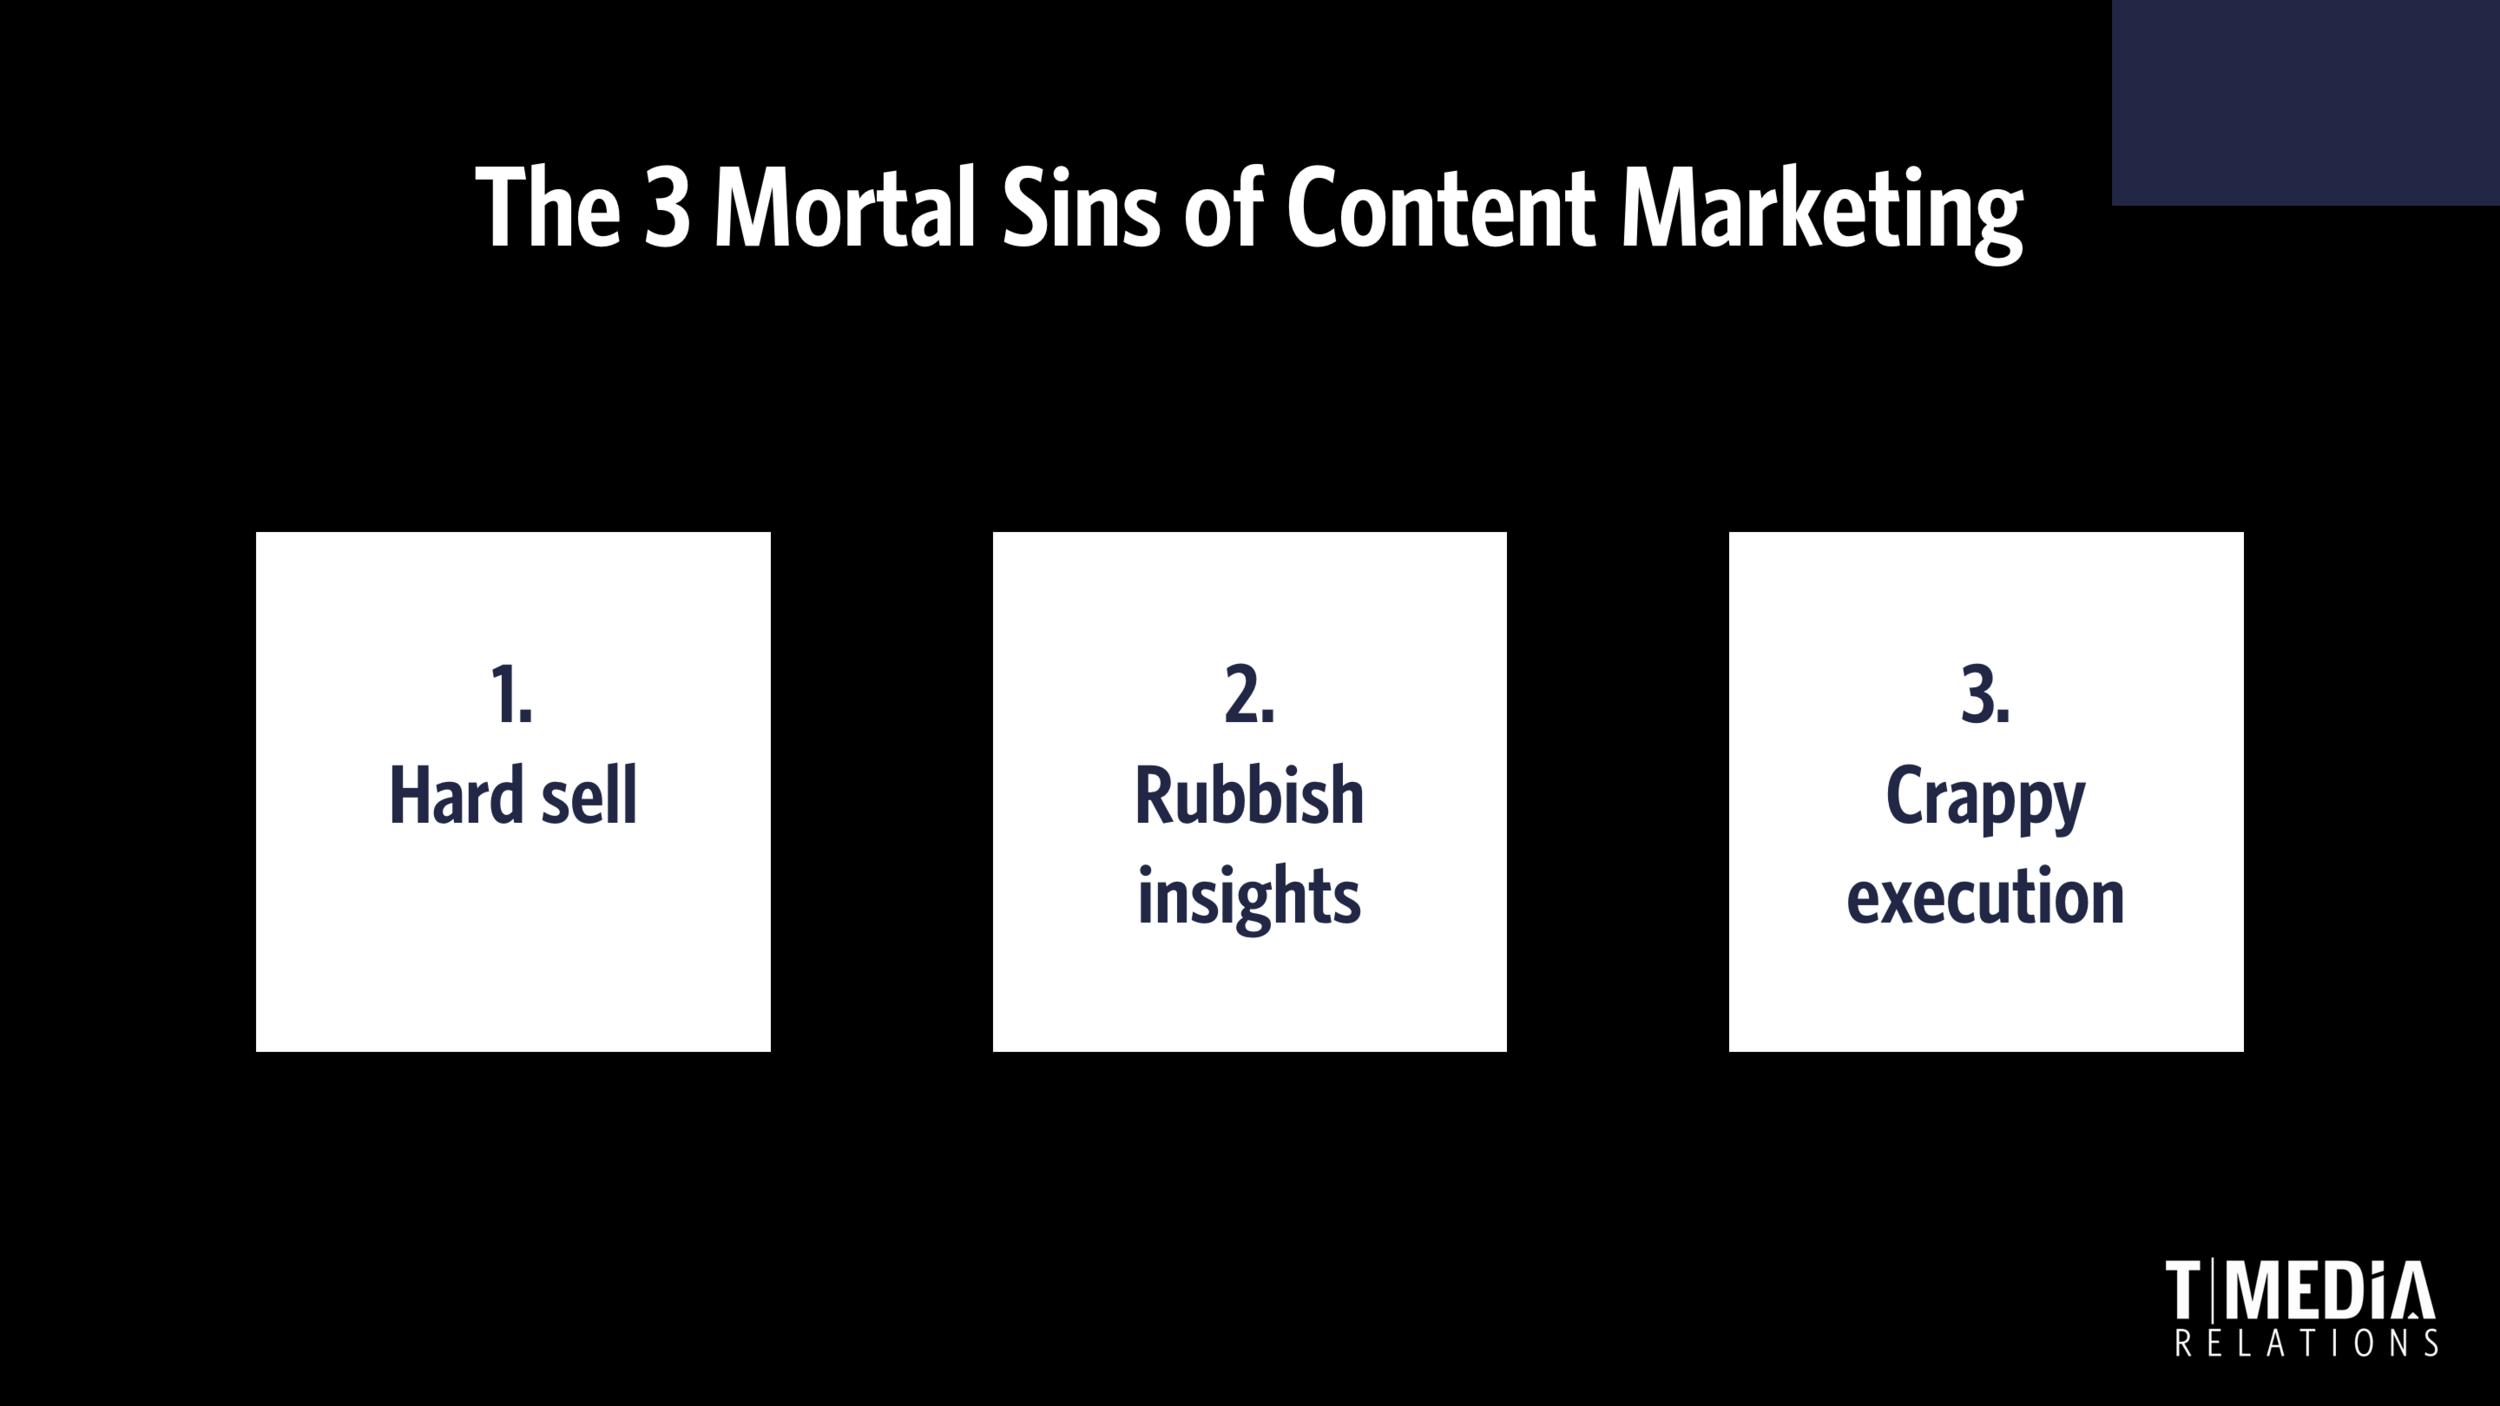 3 mortal sins